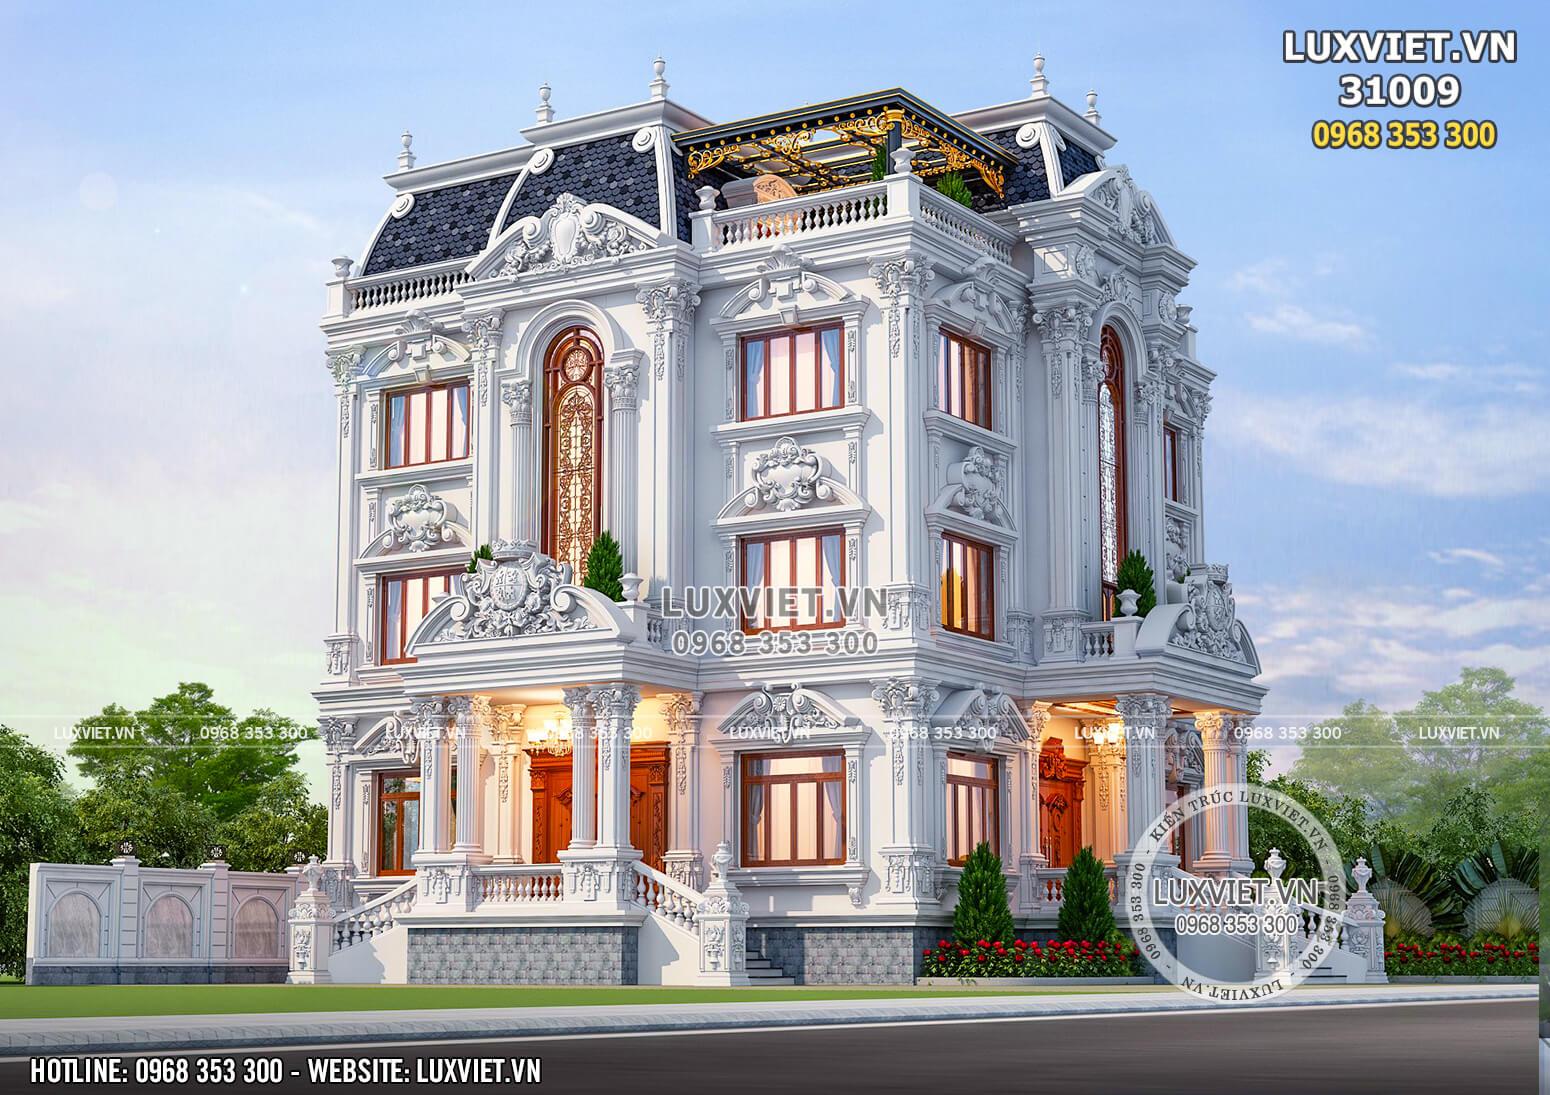 Hình ảnh: Chiêm ngưỡng mẫu thiết kế biệt thự 3 tầng đẹp và lộng lẫy - LV 31009